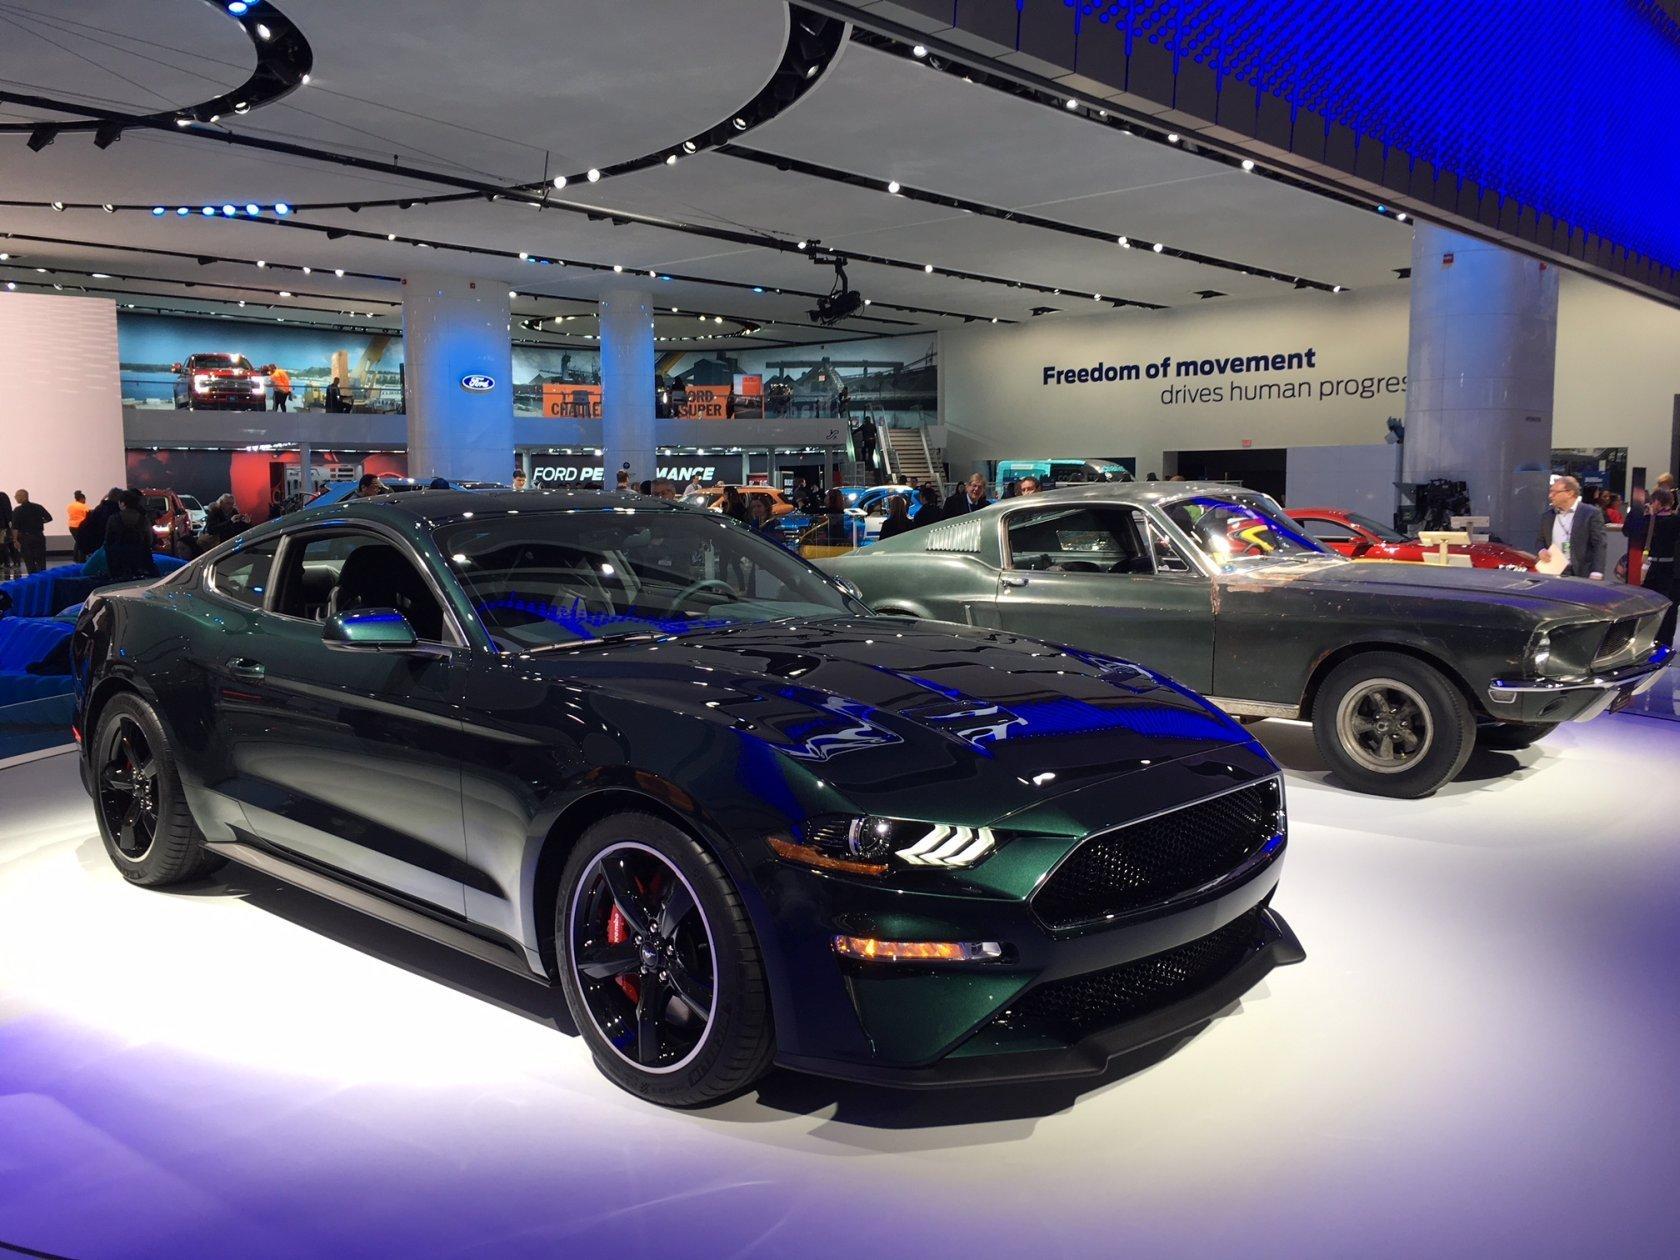 Grüße von der Detroit Motor Show – Size does matter - ALLES AUTO